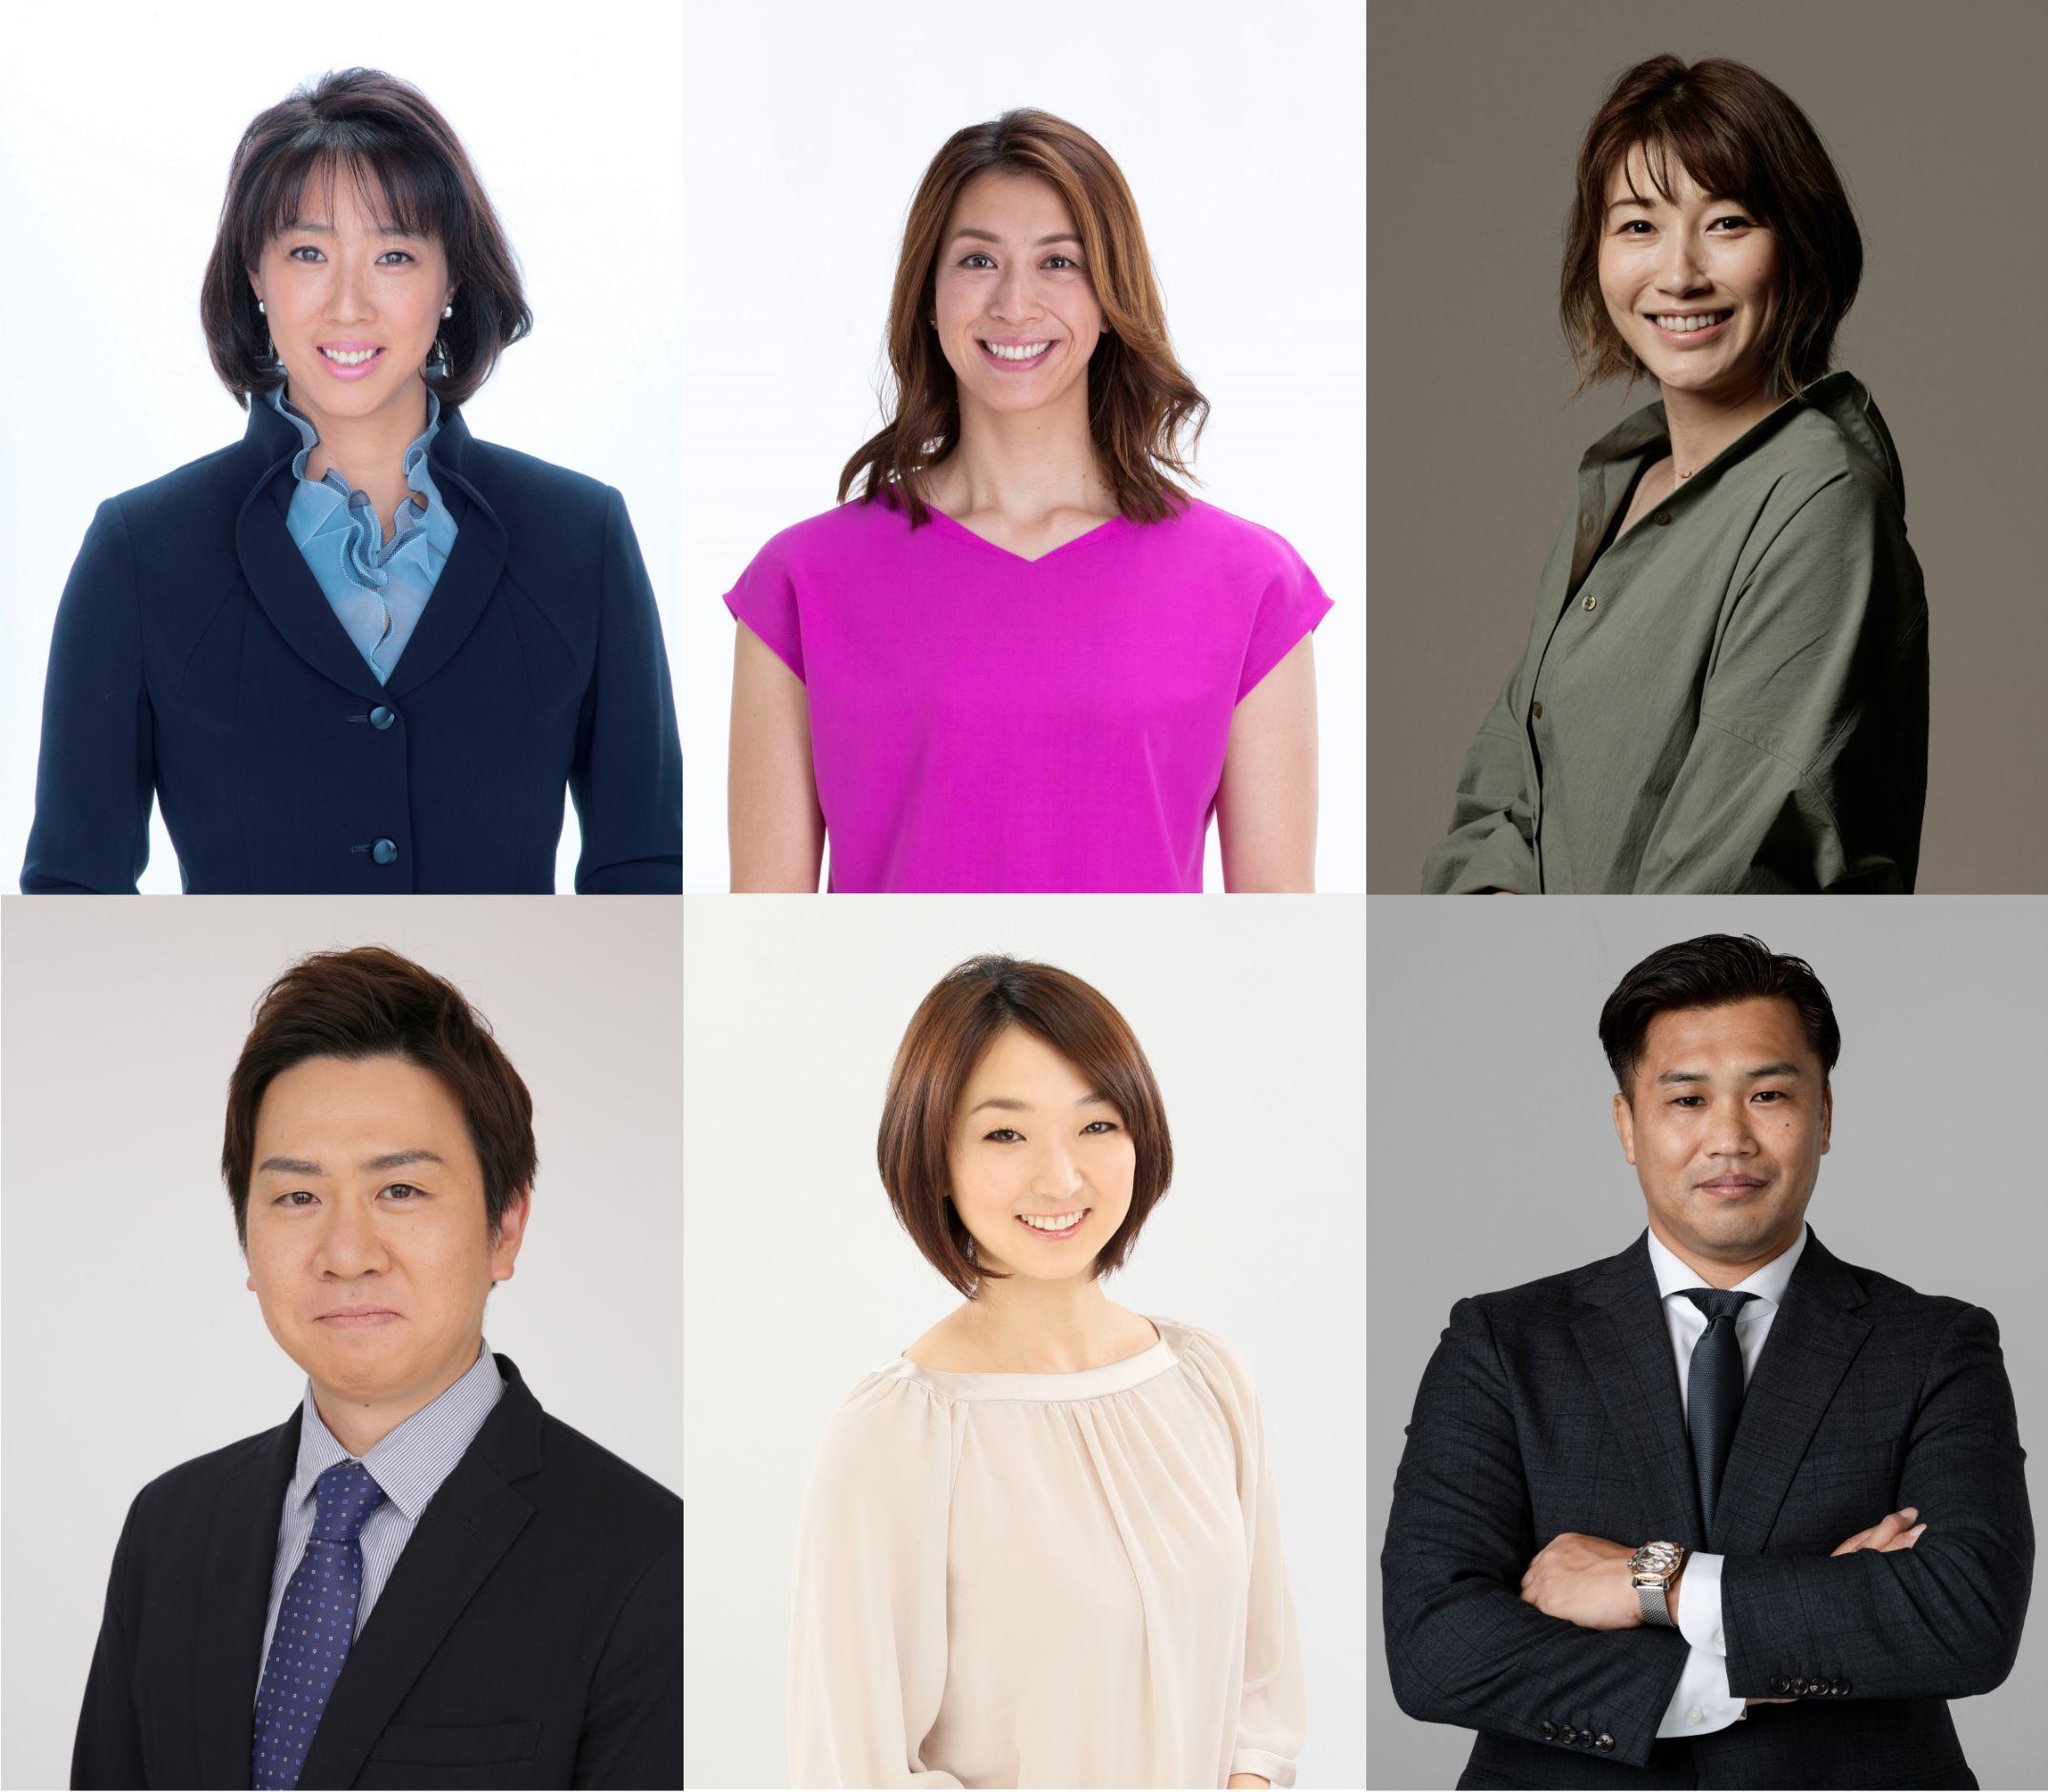 写真上段左より:小谷実可子、寺川 綾、狩野舞子  写真下段左より:本田武史、岩崎恭子、大西将太郎